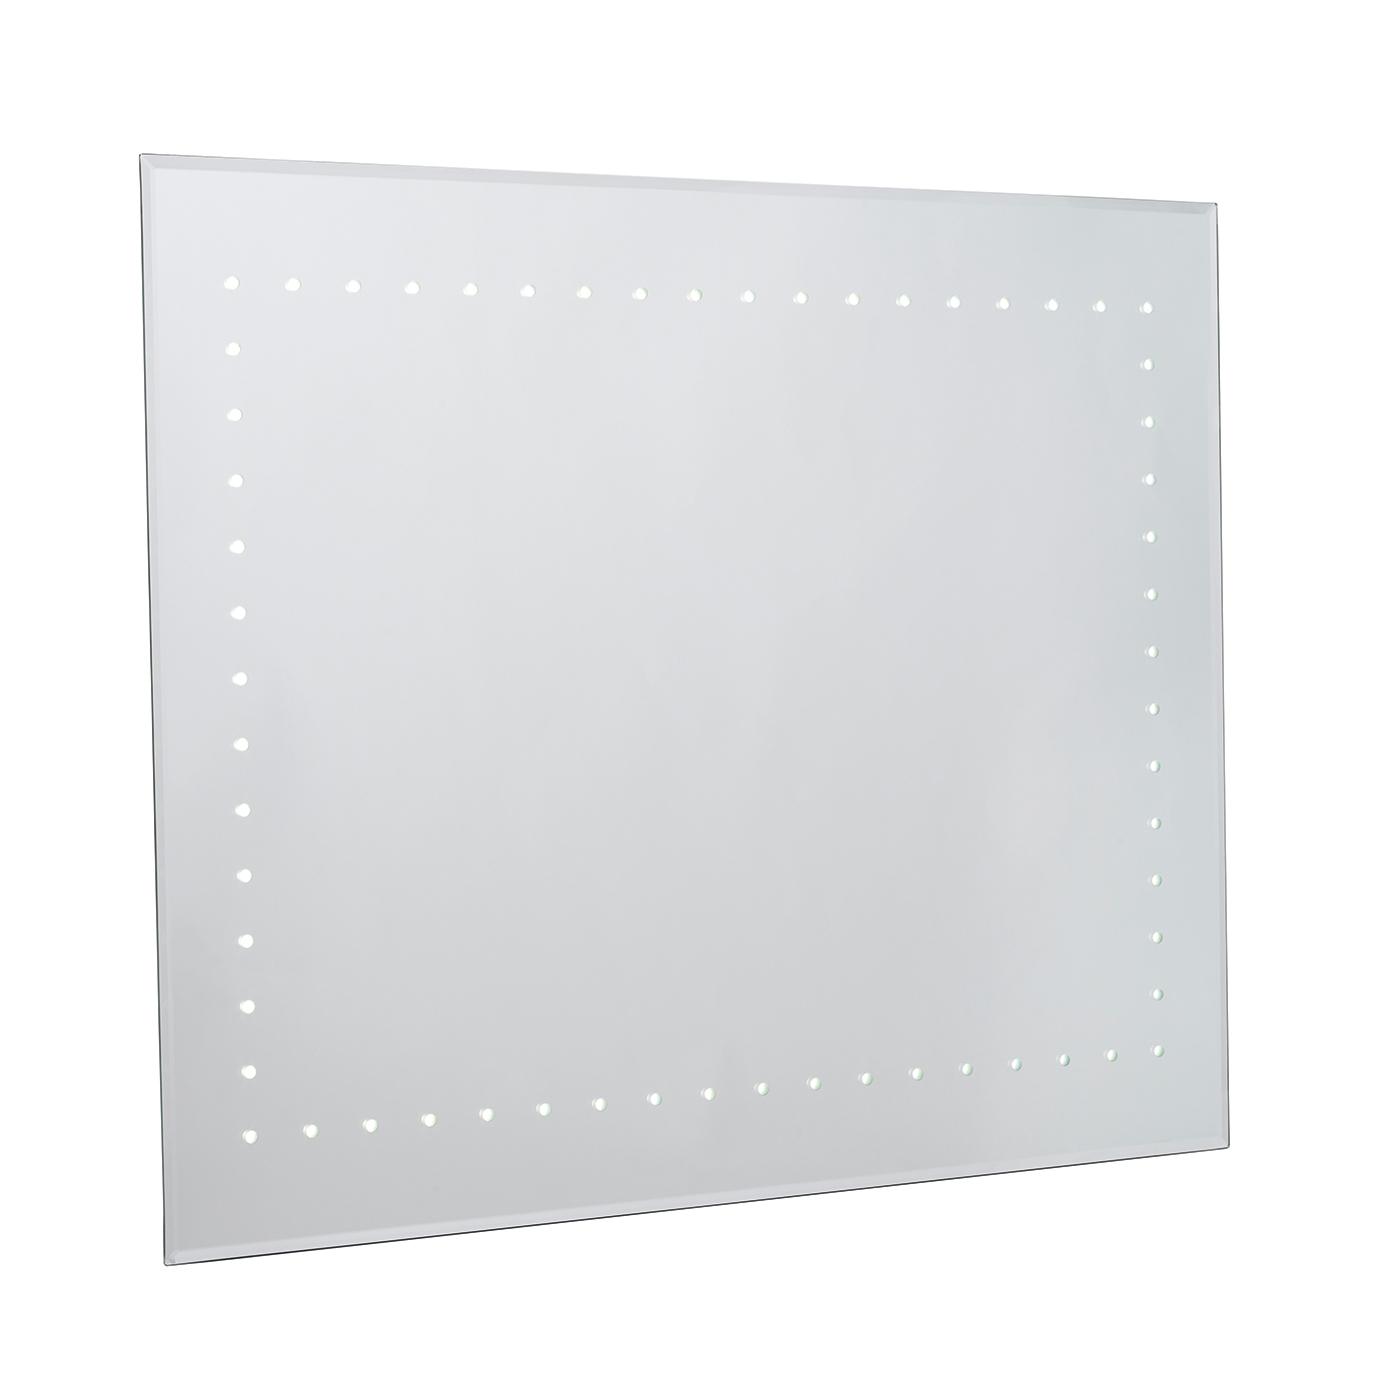 Endon kalamos led miroir salle de bain ip44 6w dispositif - Miroir anti buee salle de bain ...